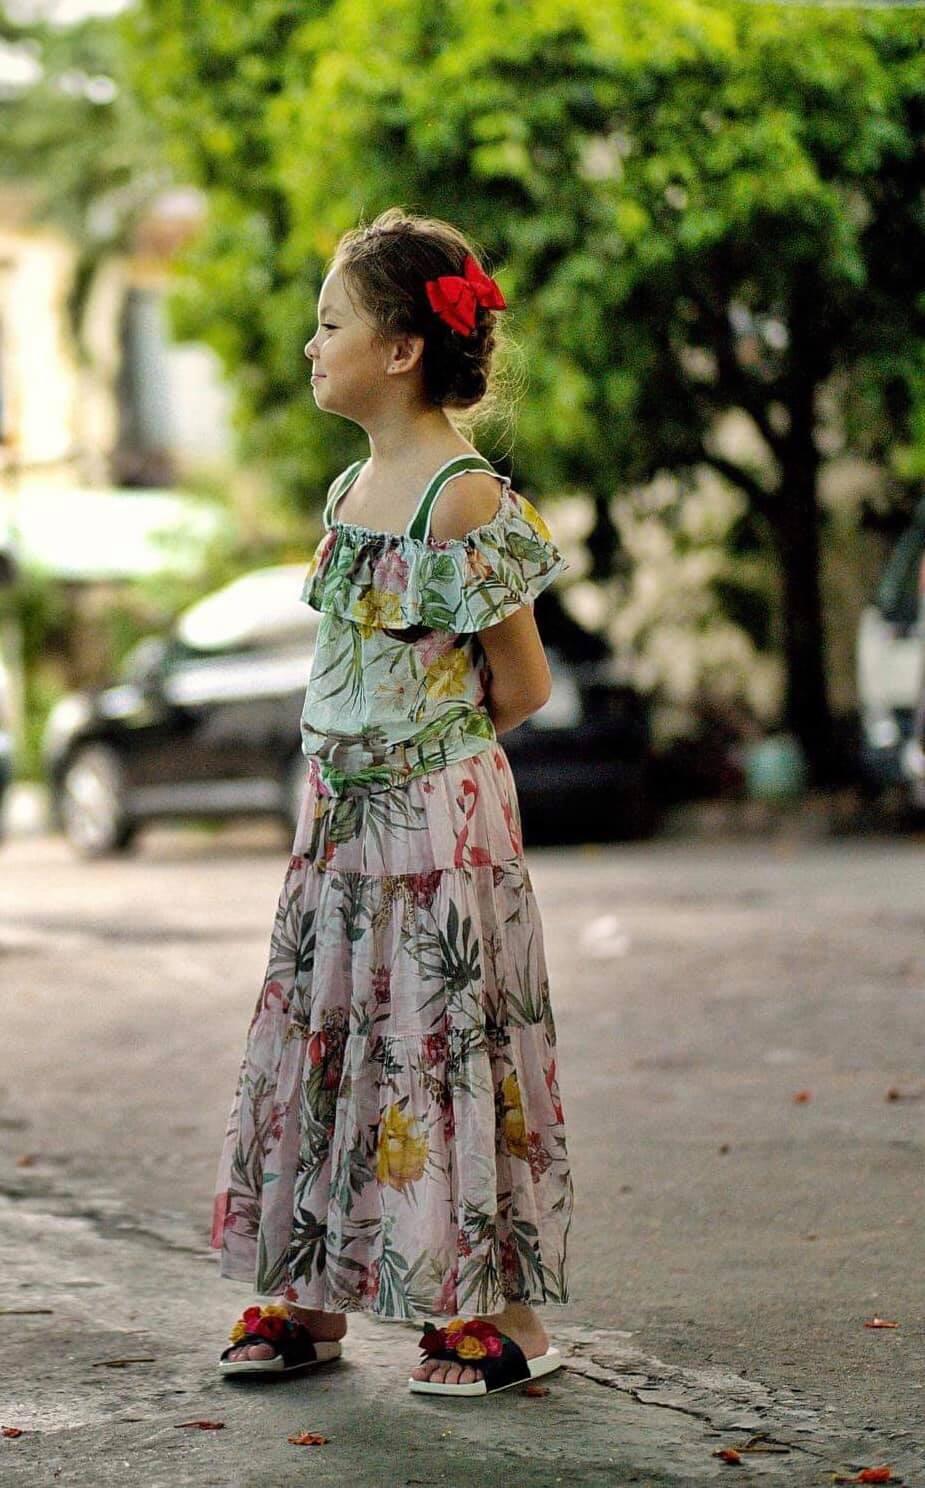 Mới 7 tuổi, con gái Hồng Nhung đã lộ rõ vẻ lai Tây xinh đẹp, được dự báo trở thành mỹ nhân tương lai của Vbiz-2